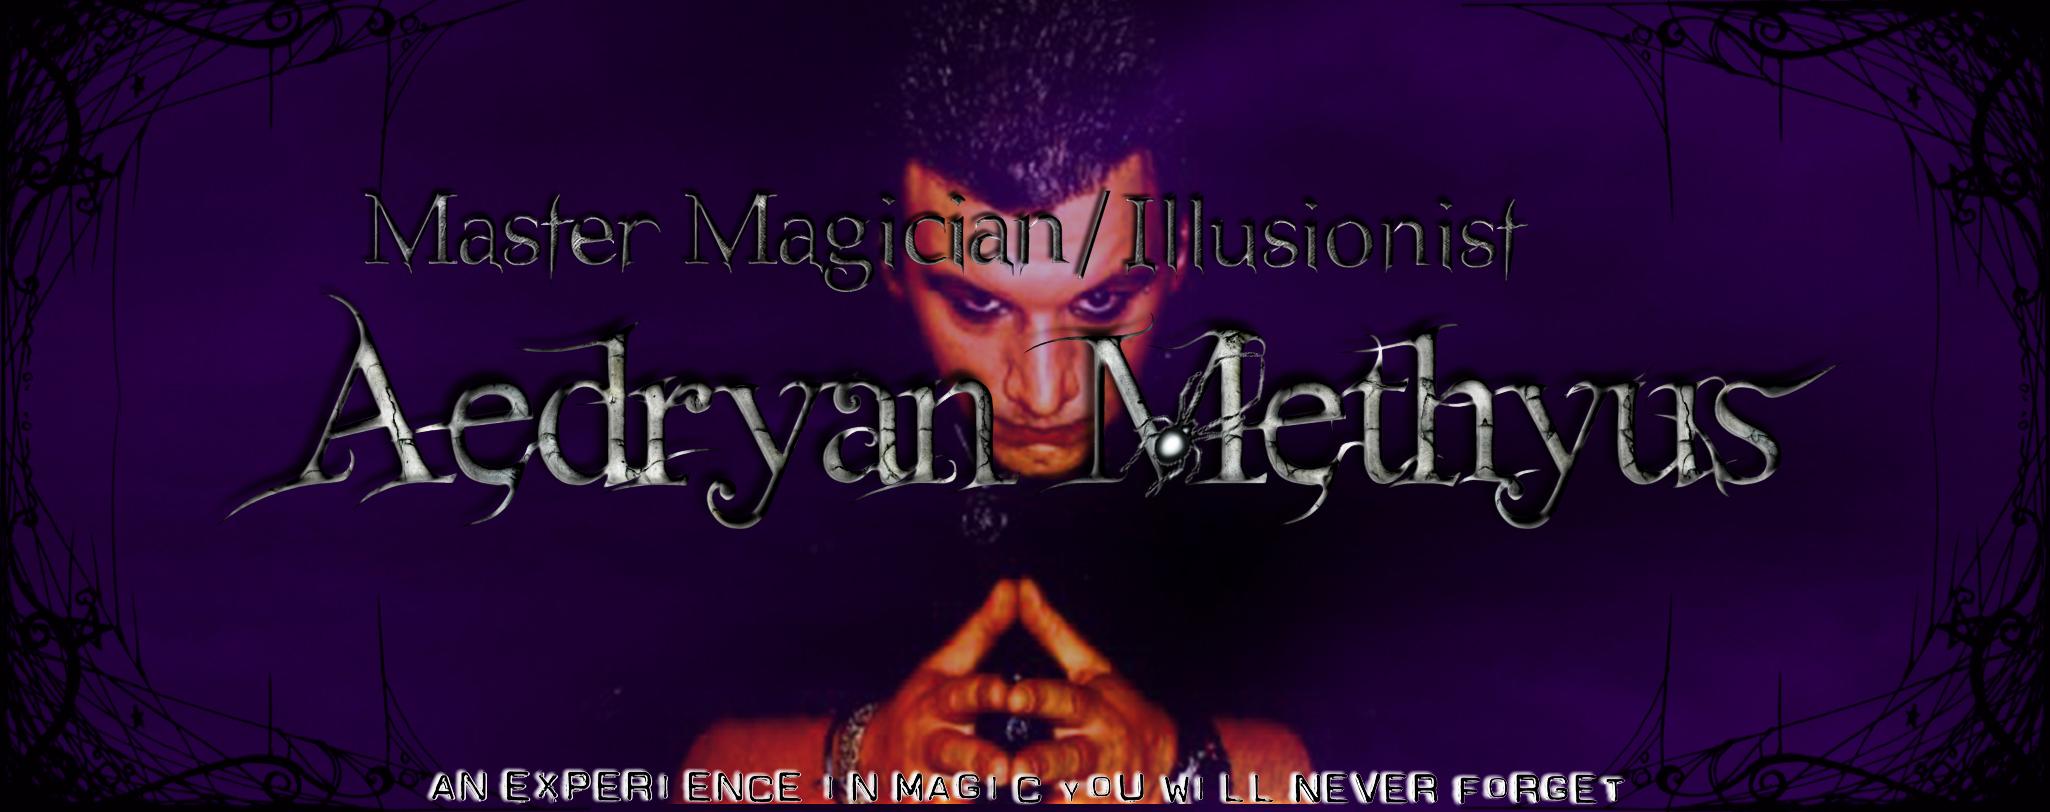 Forbidden Magick | Bizarre Magicians | Bizarre Magic Shows